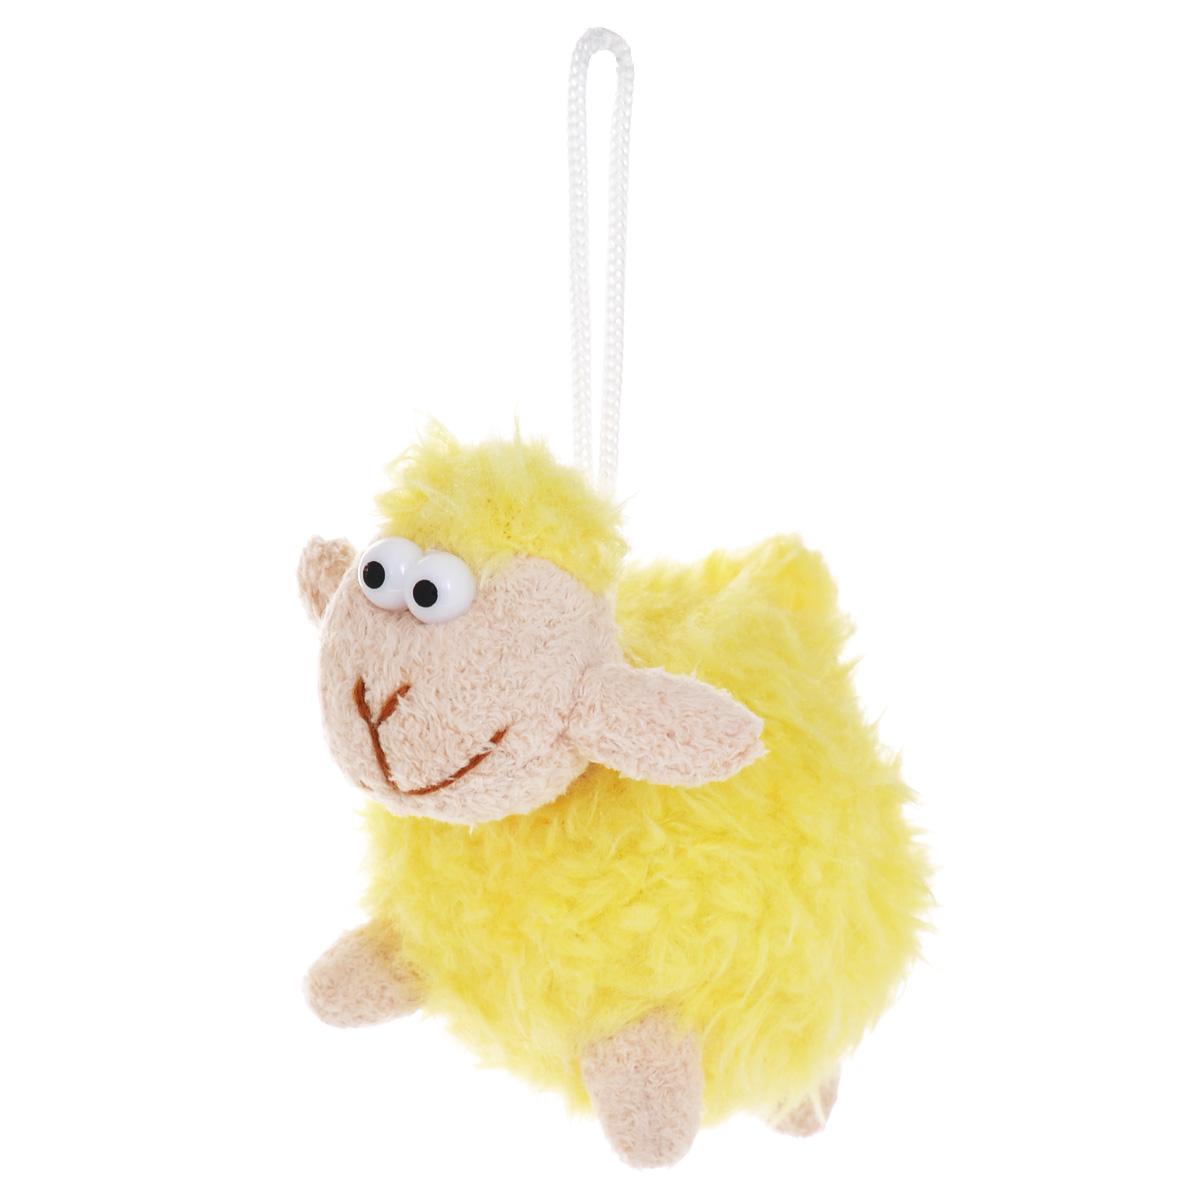 Мягкая игрушка-подвеска Sima-land Овечка, цвет: желтый, 8 см. 332801332801Очаровательная мягкая игрушка-подвеска Sima-land Овечка не оставит вас равнодушным и вызовет улыбку у каждого, кто ее увидит. Игрушка выполнена из искусственного меха и текстиля в виде забавной овечки с выпуклыми глазами. К игрушке прикреплена текстильная петелька для подвешивания. Мягкая и приятная на ощупь игрушка станет замечательным подарком, который вызовет массу положительных эмоций. Размер игрушки: 115 мм х 70 мм х 80 мм.